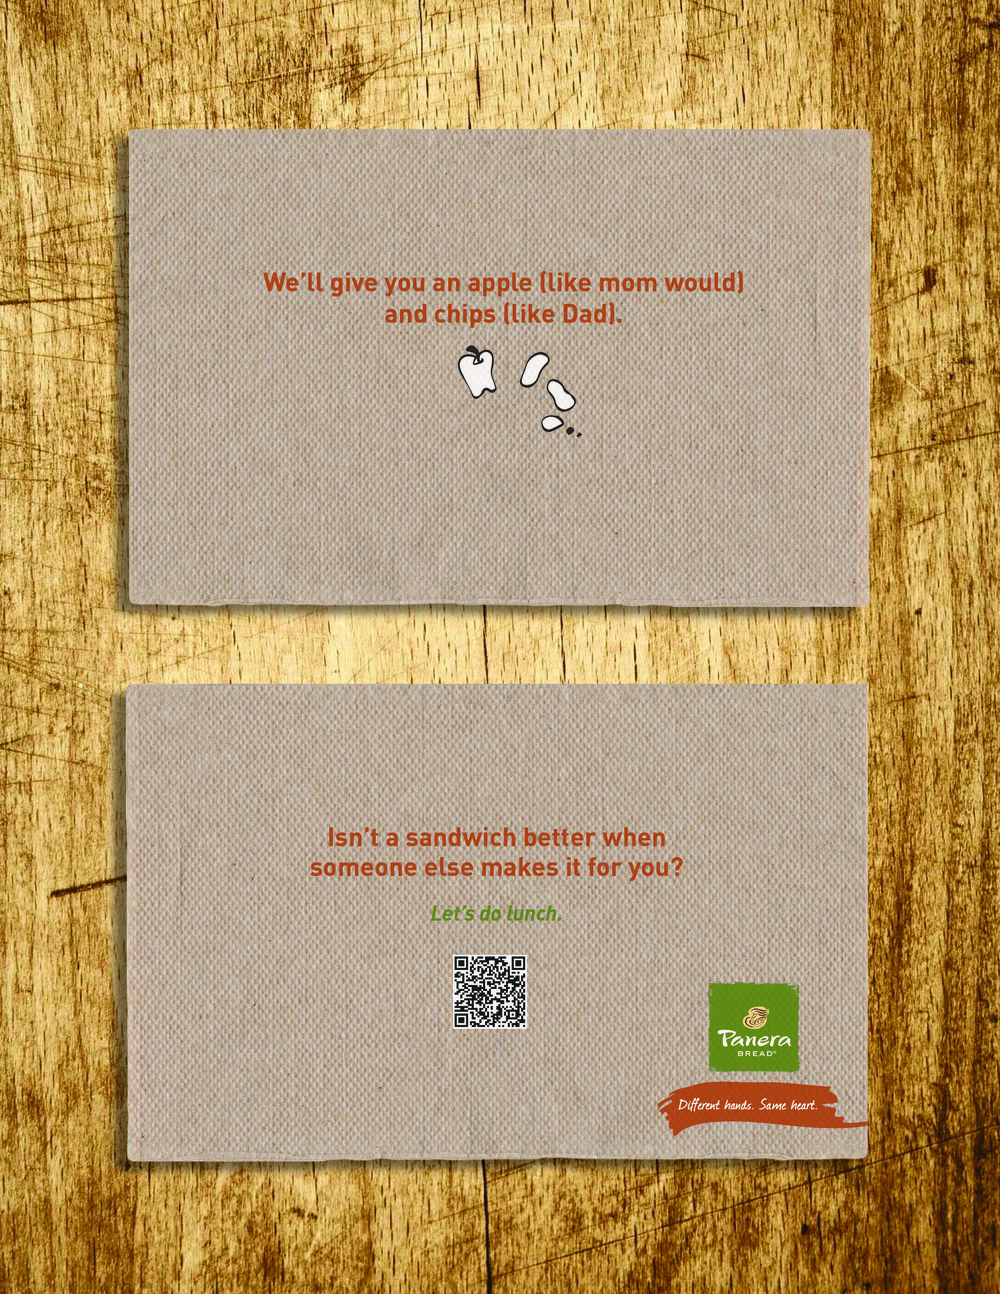 print_ad_napkins_v12.jpg